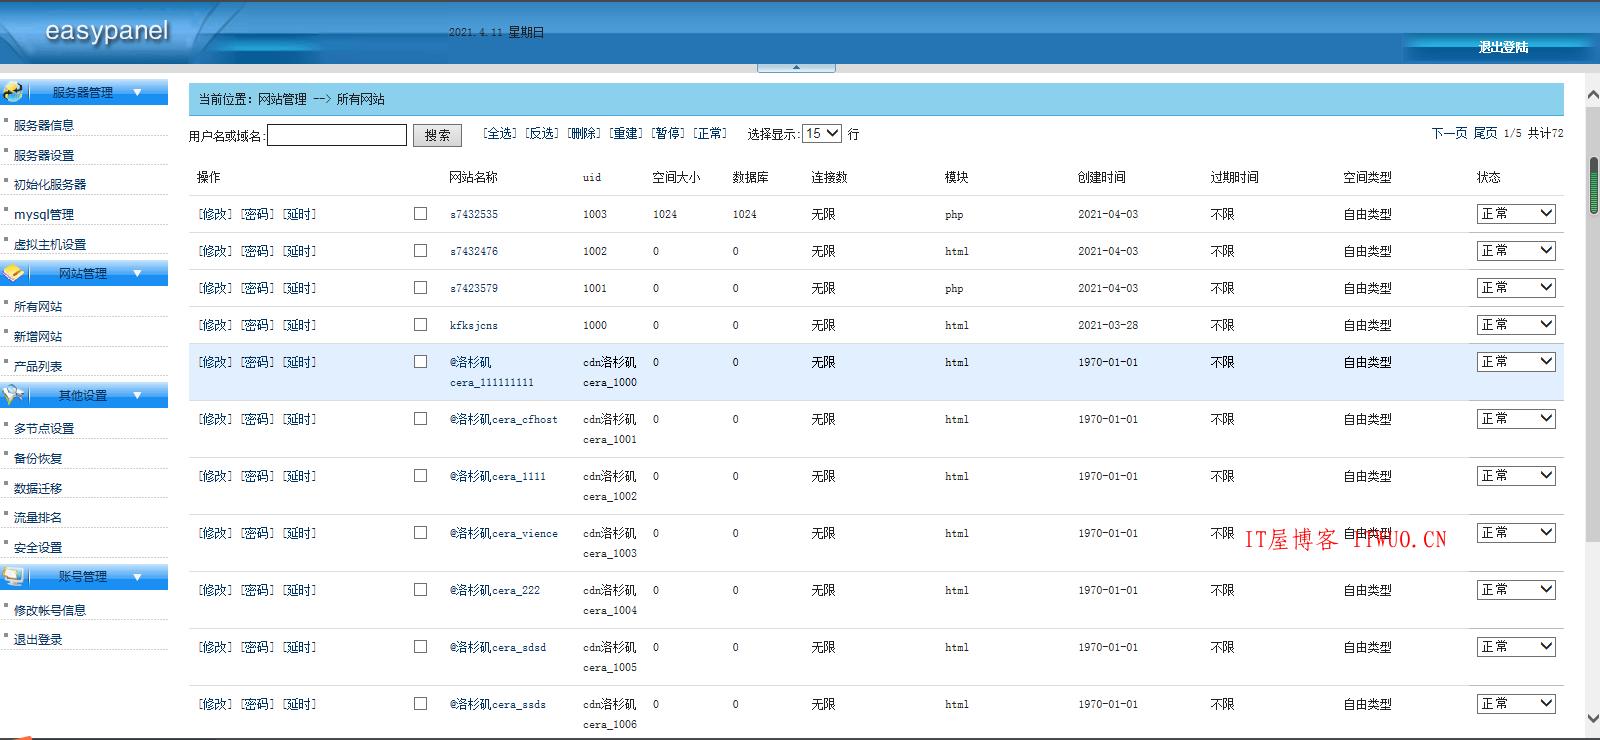 香港节点康乐版面 可以对接 安全码分享